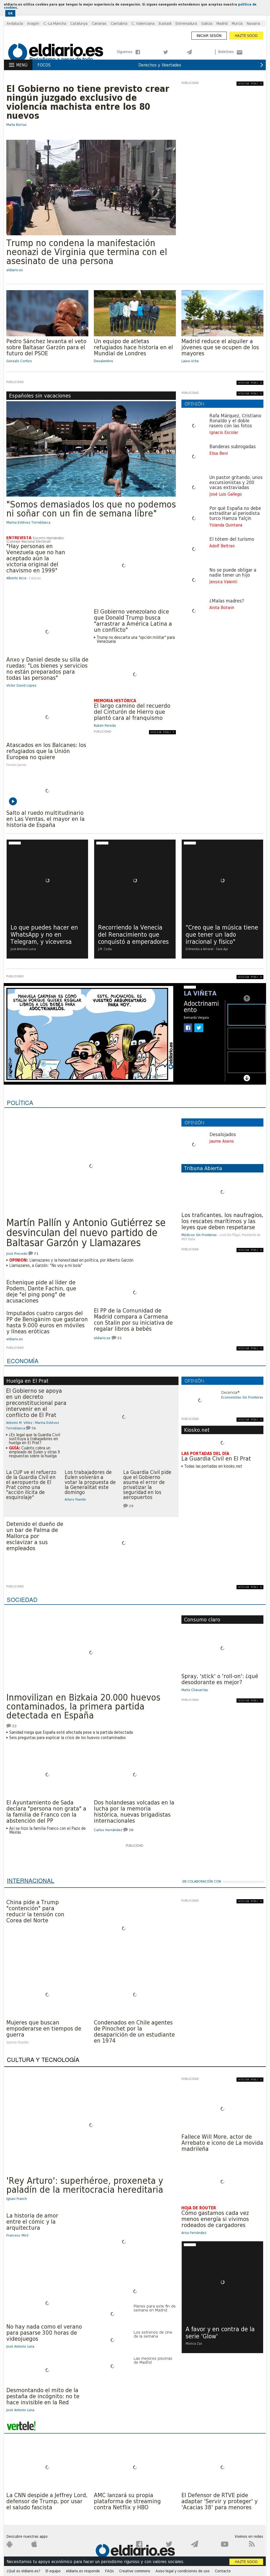 El Diario at Sunday Aug. 13, 2017, 6:02 a.m. UTC